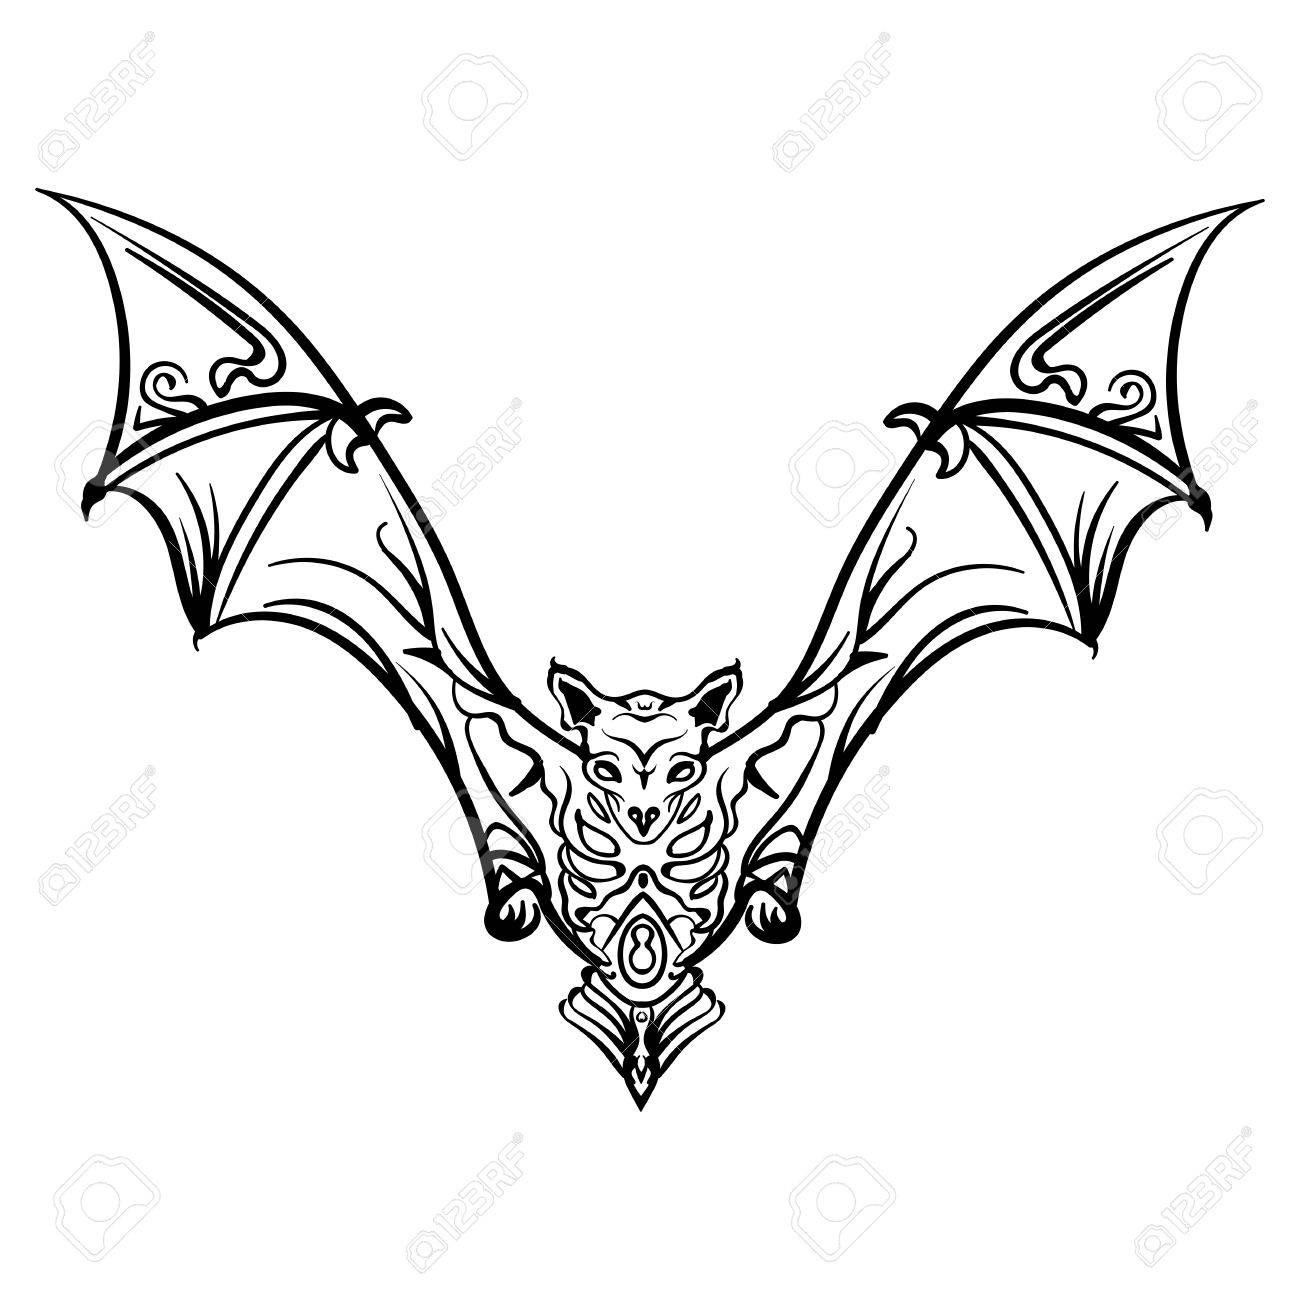 Bat Wings Drawing